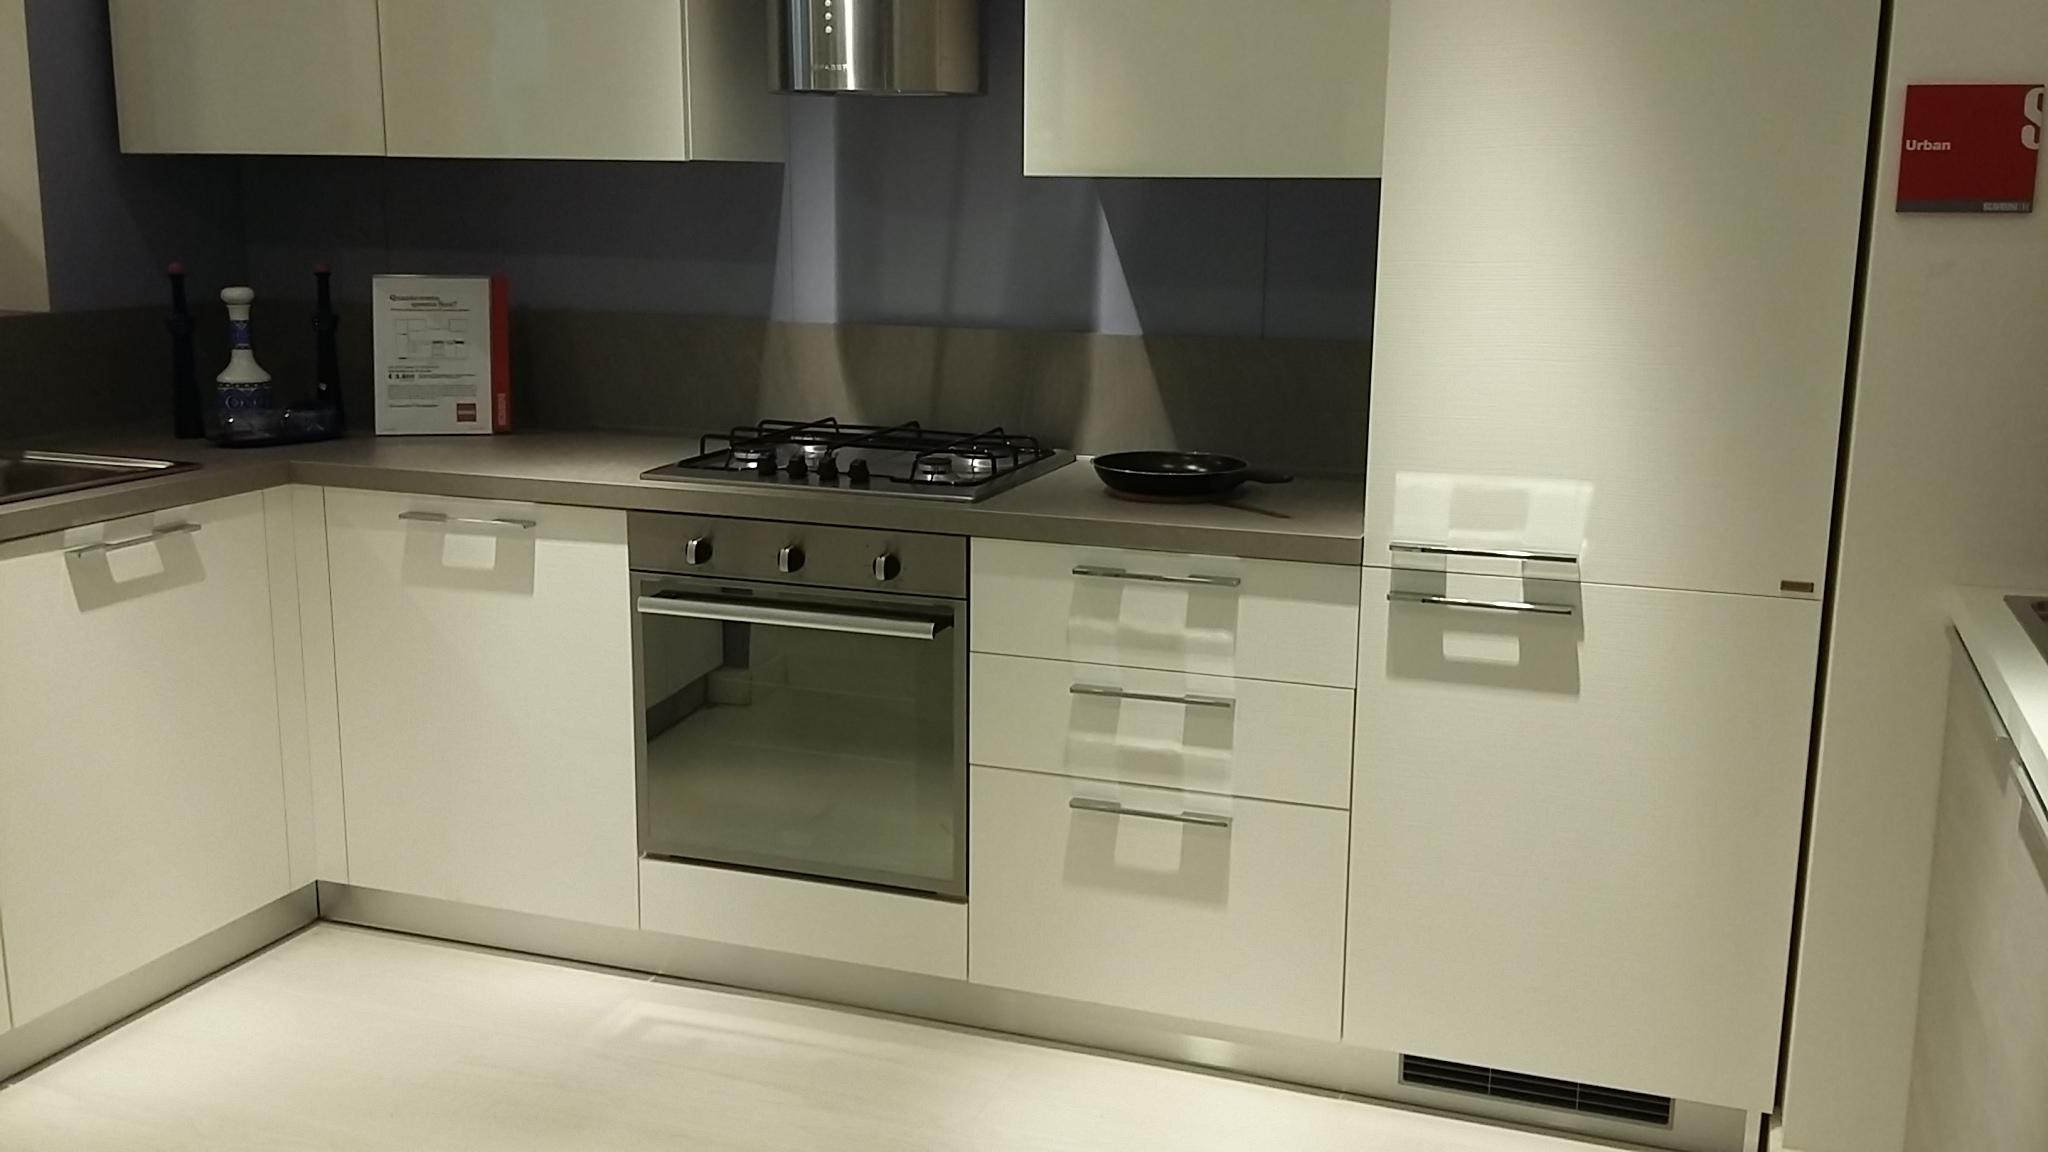 Cucina scavolini mod sax bianca cucine a prezzi scontati - Scavolini cucina bianca ...